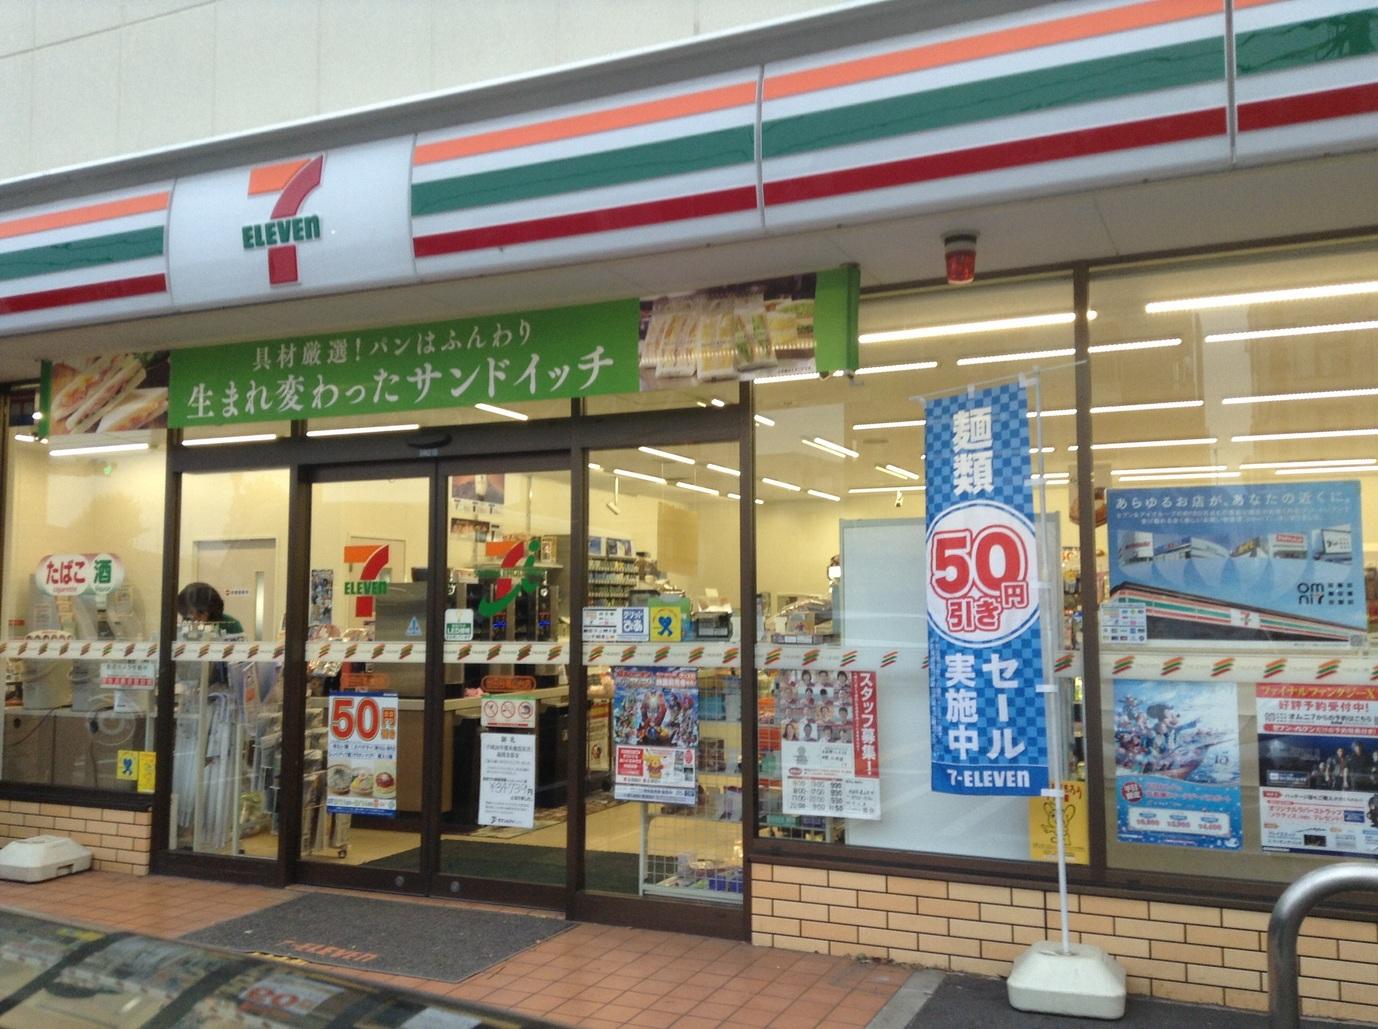 セブンイレブン 世田谷尾山台店